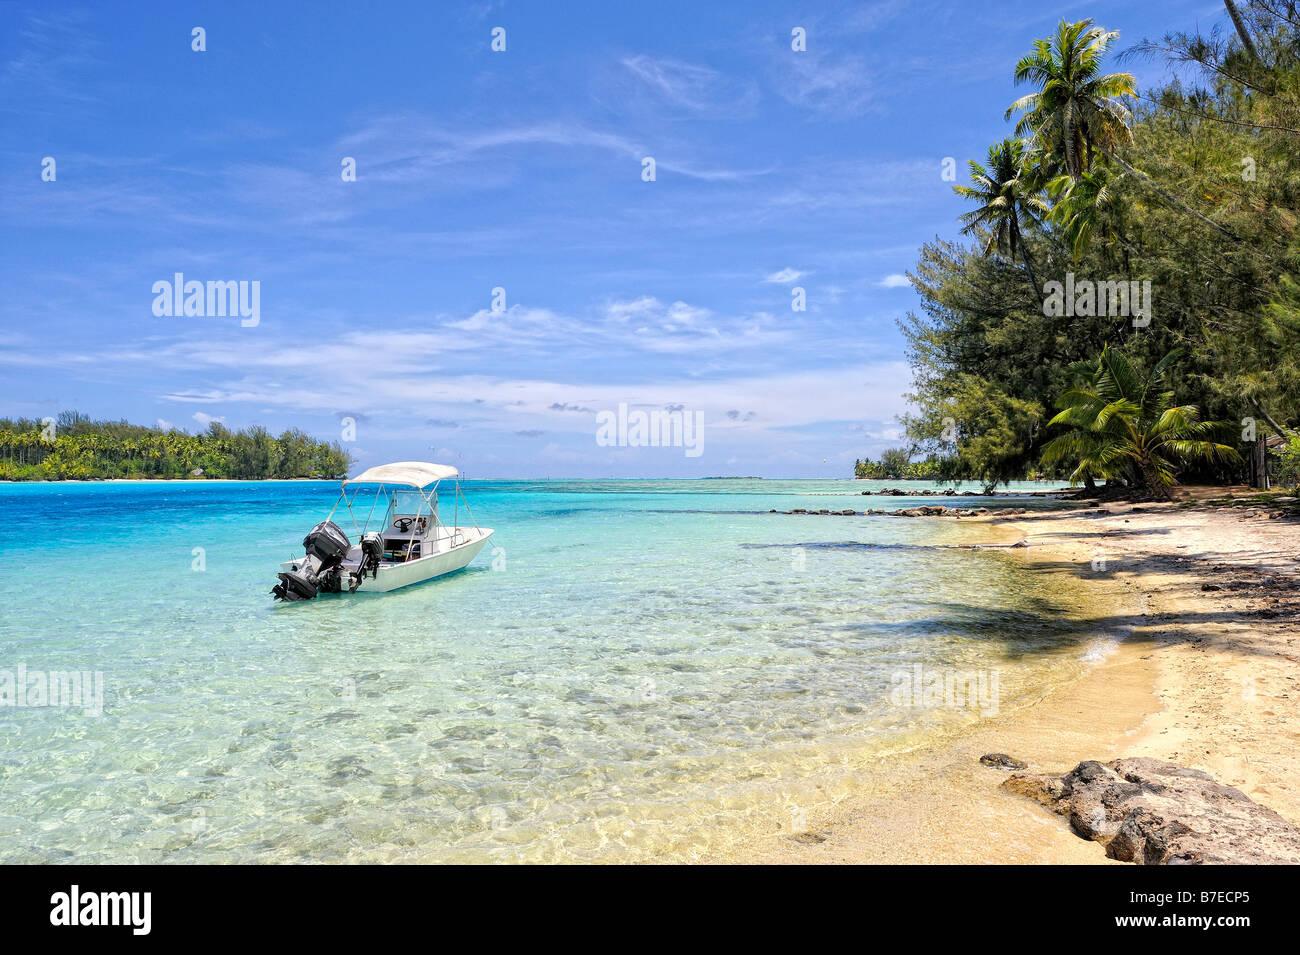 Océan Pacifique Stock Photos & Océan Pacifique Stock Images - Alamy